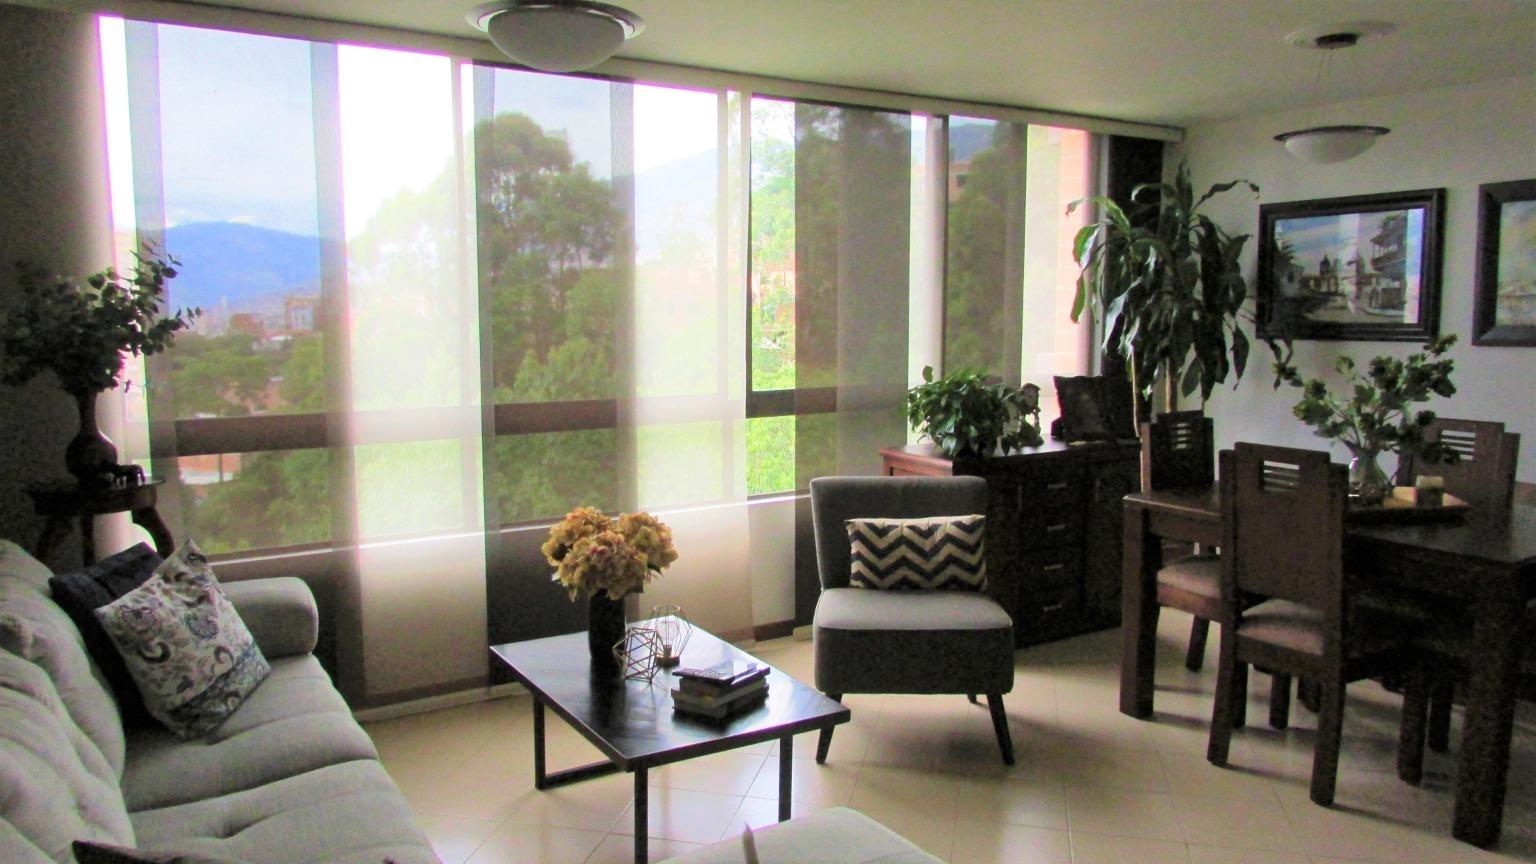 99587 - Arriendo Apartamento Loma del Indio Medellin Colombia